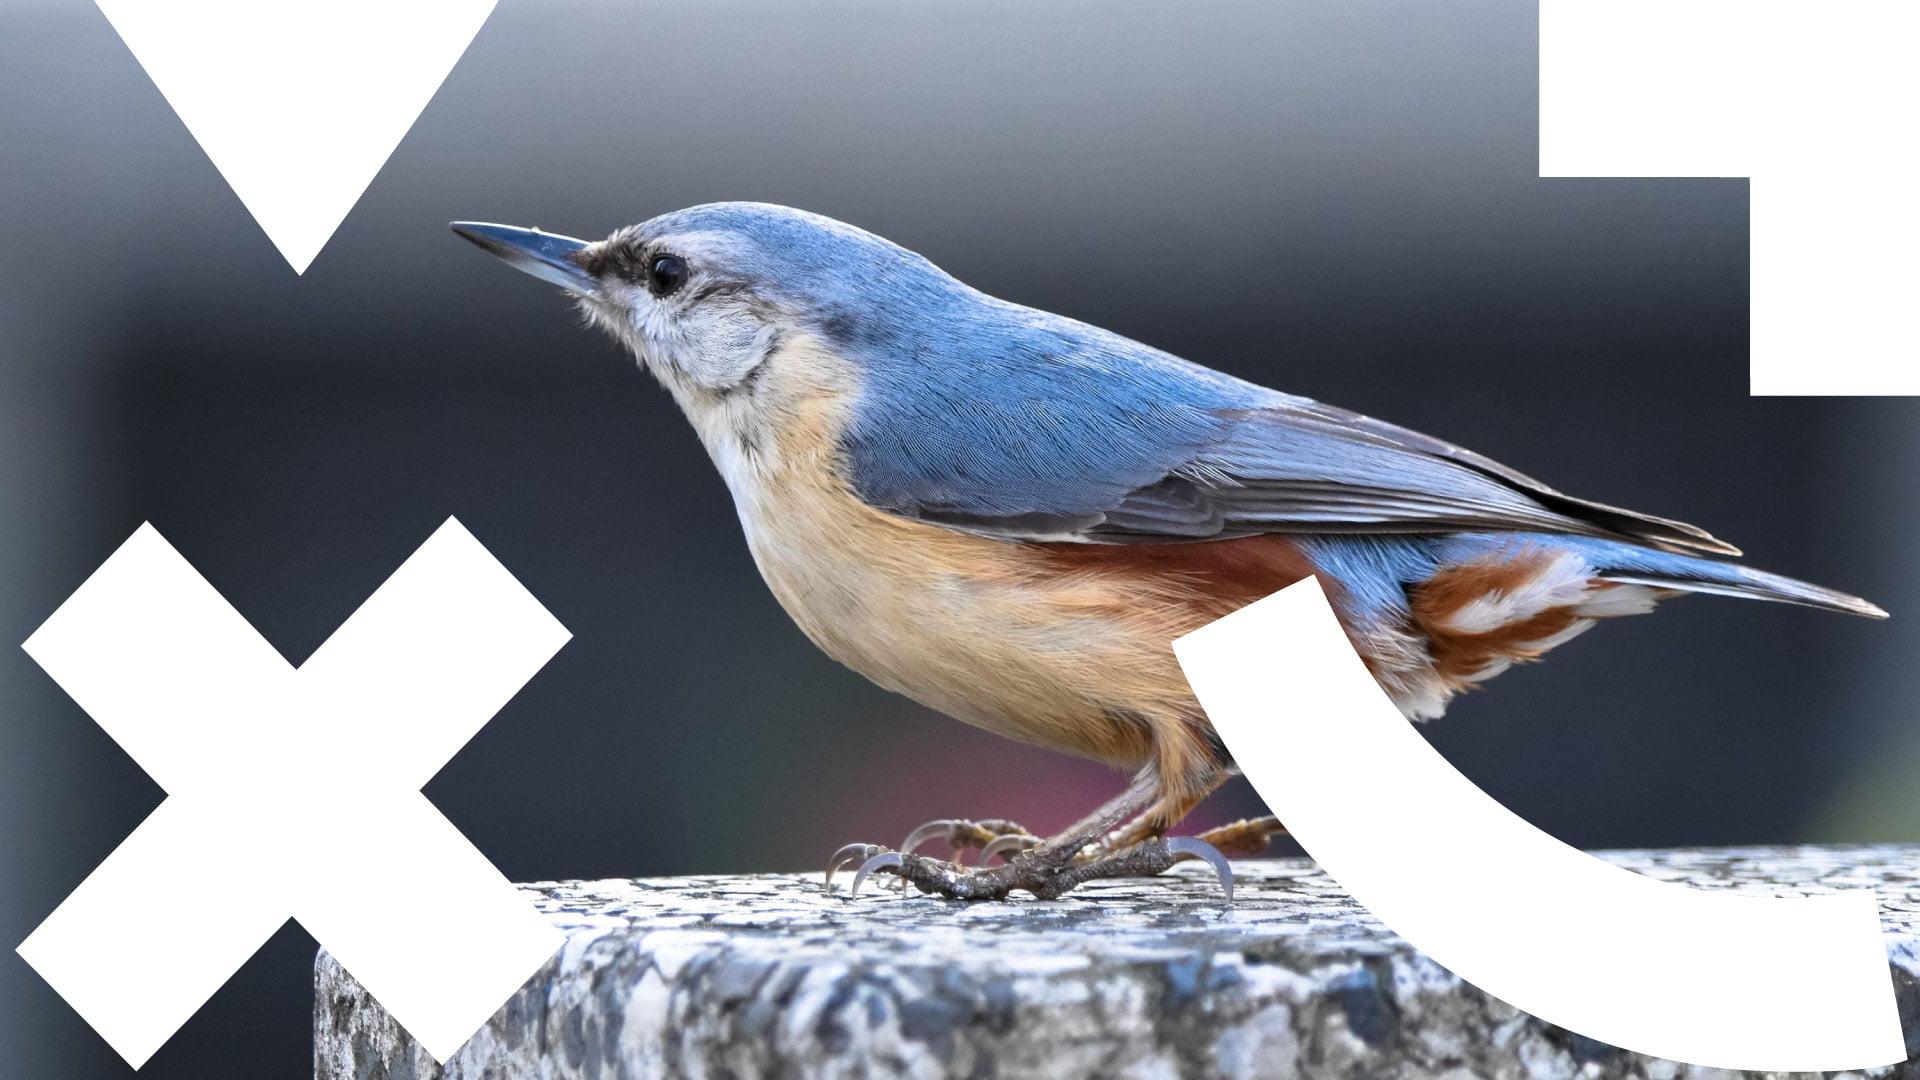 zdjęcie przedstawia kowalika zwyczajnego: ptak szaroniebieski, policzki i podbródek białe, przez oko przechodzi czarny pasek sięgający do karku, rdzawe podbrzusze